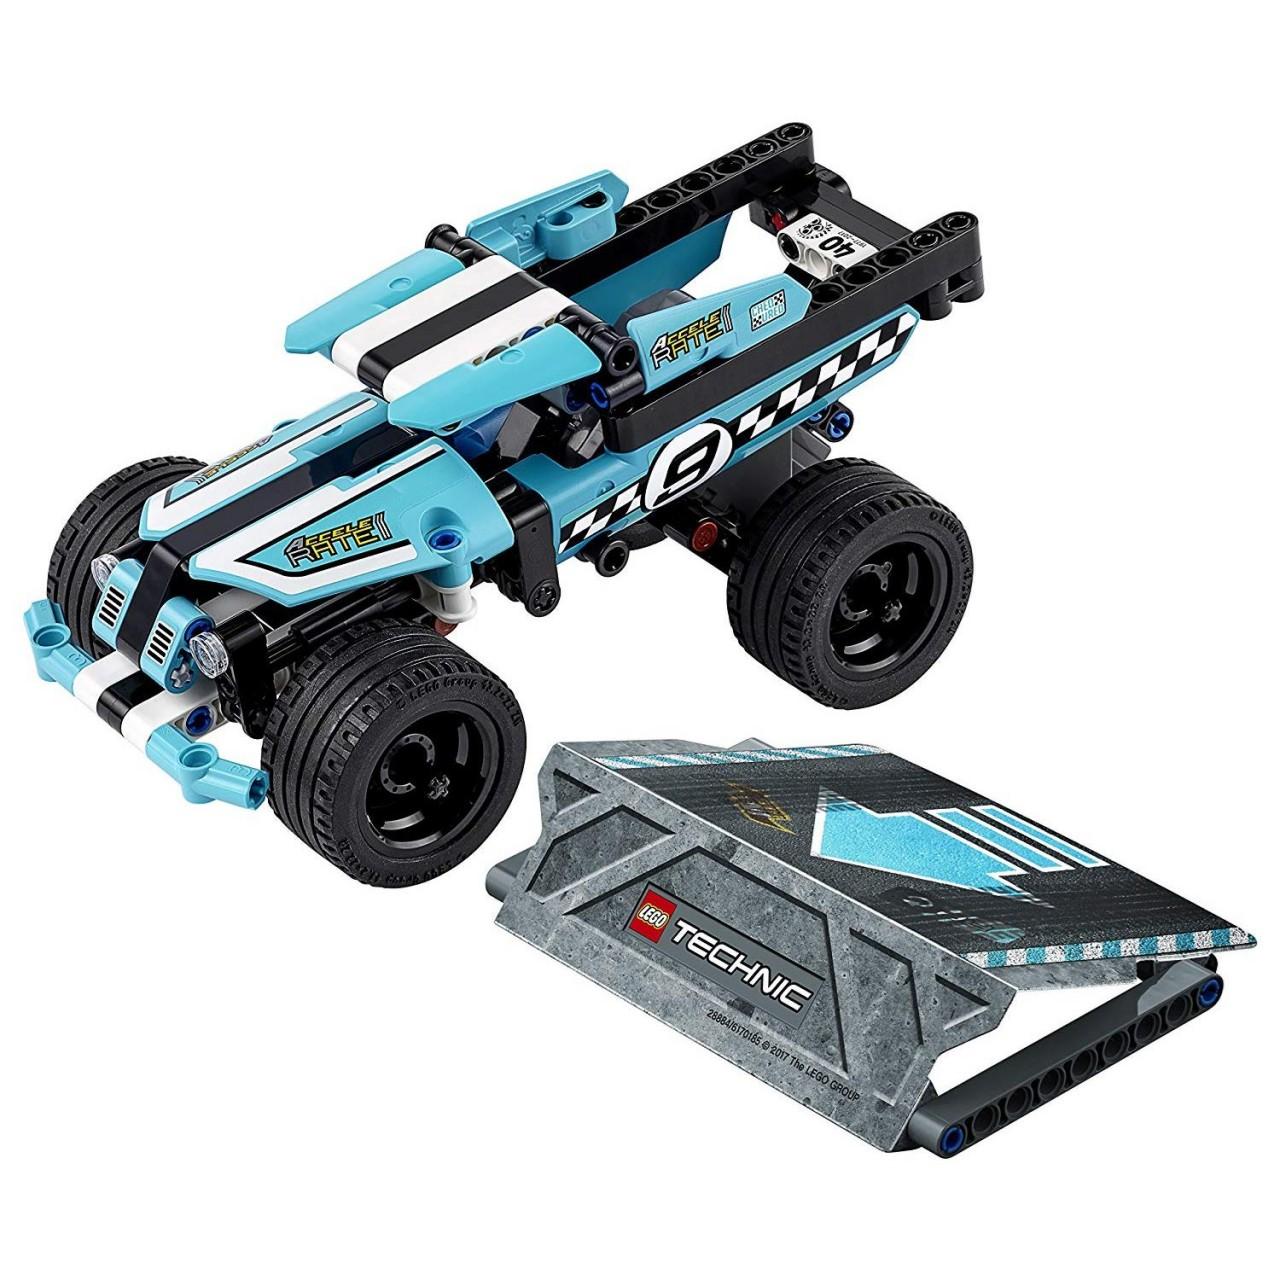 LEGO TECHNIC 42059 Stunt-Truck Rückziehauto